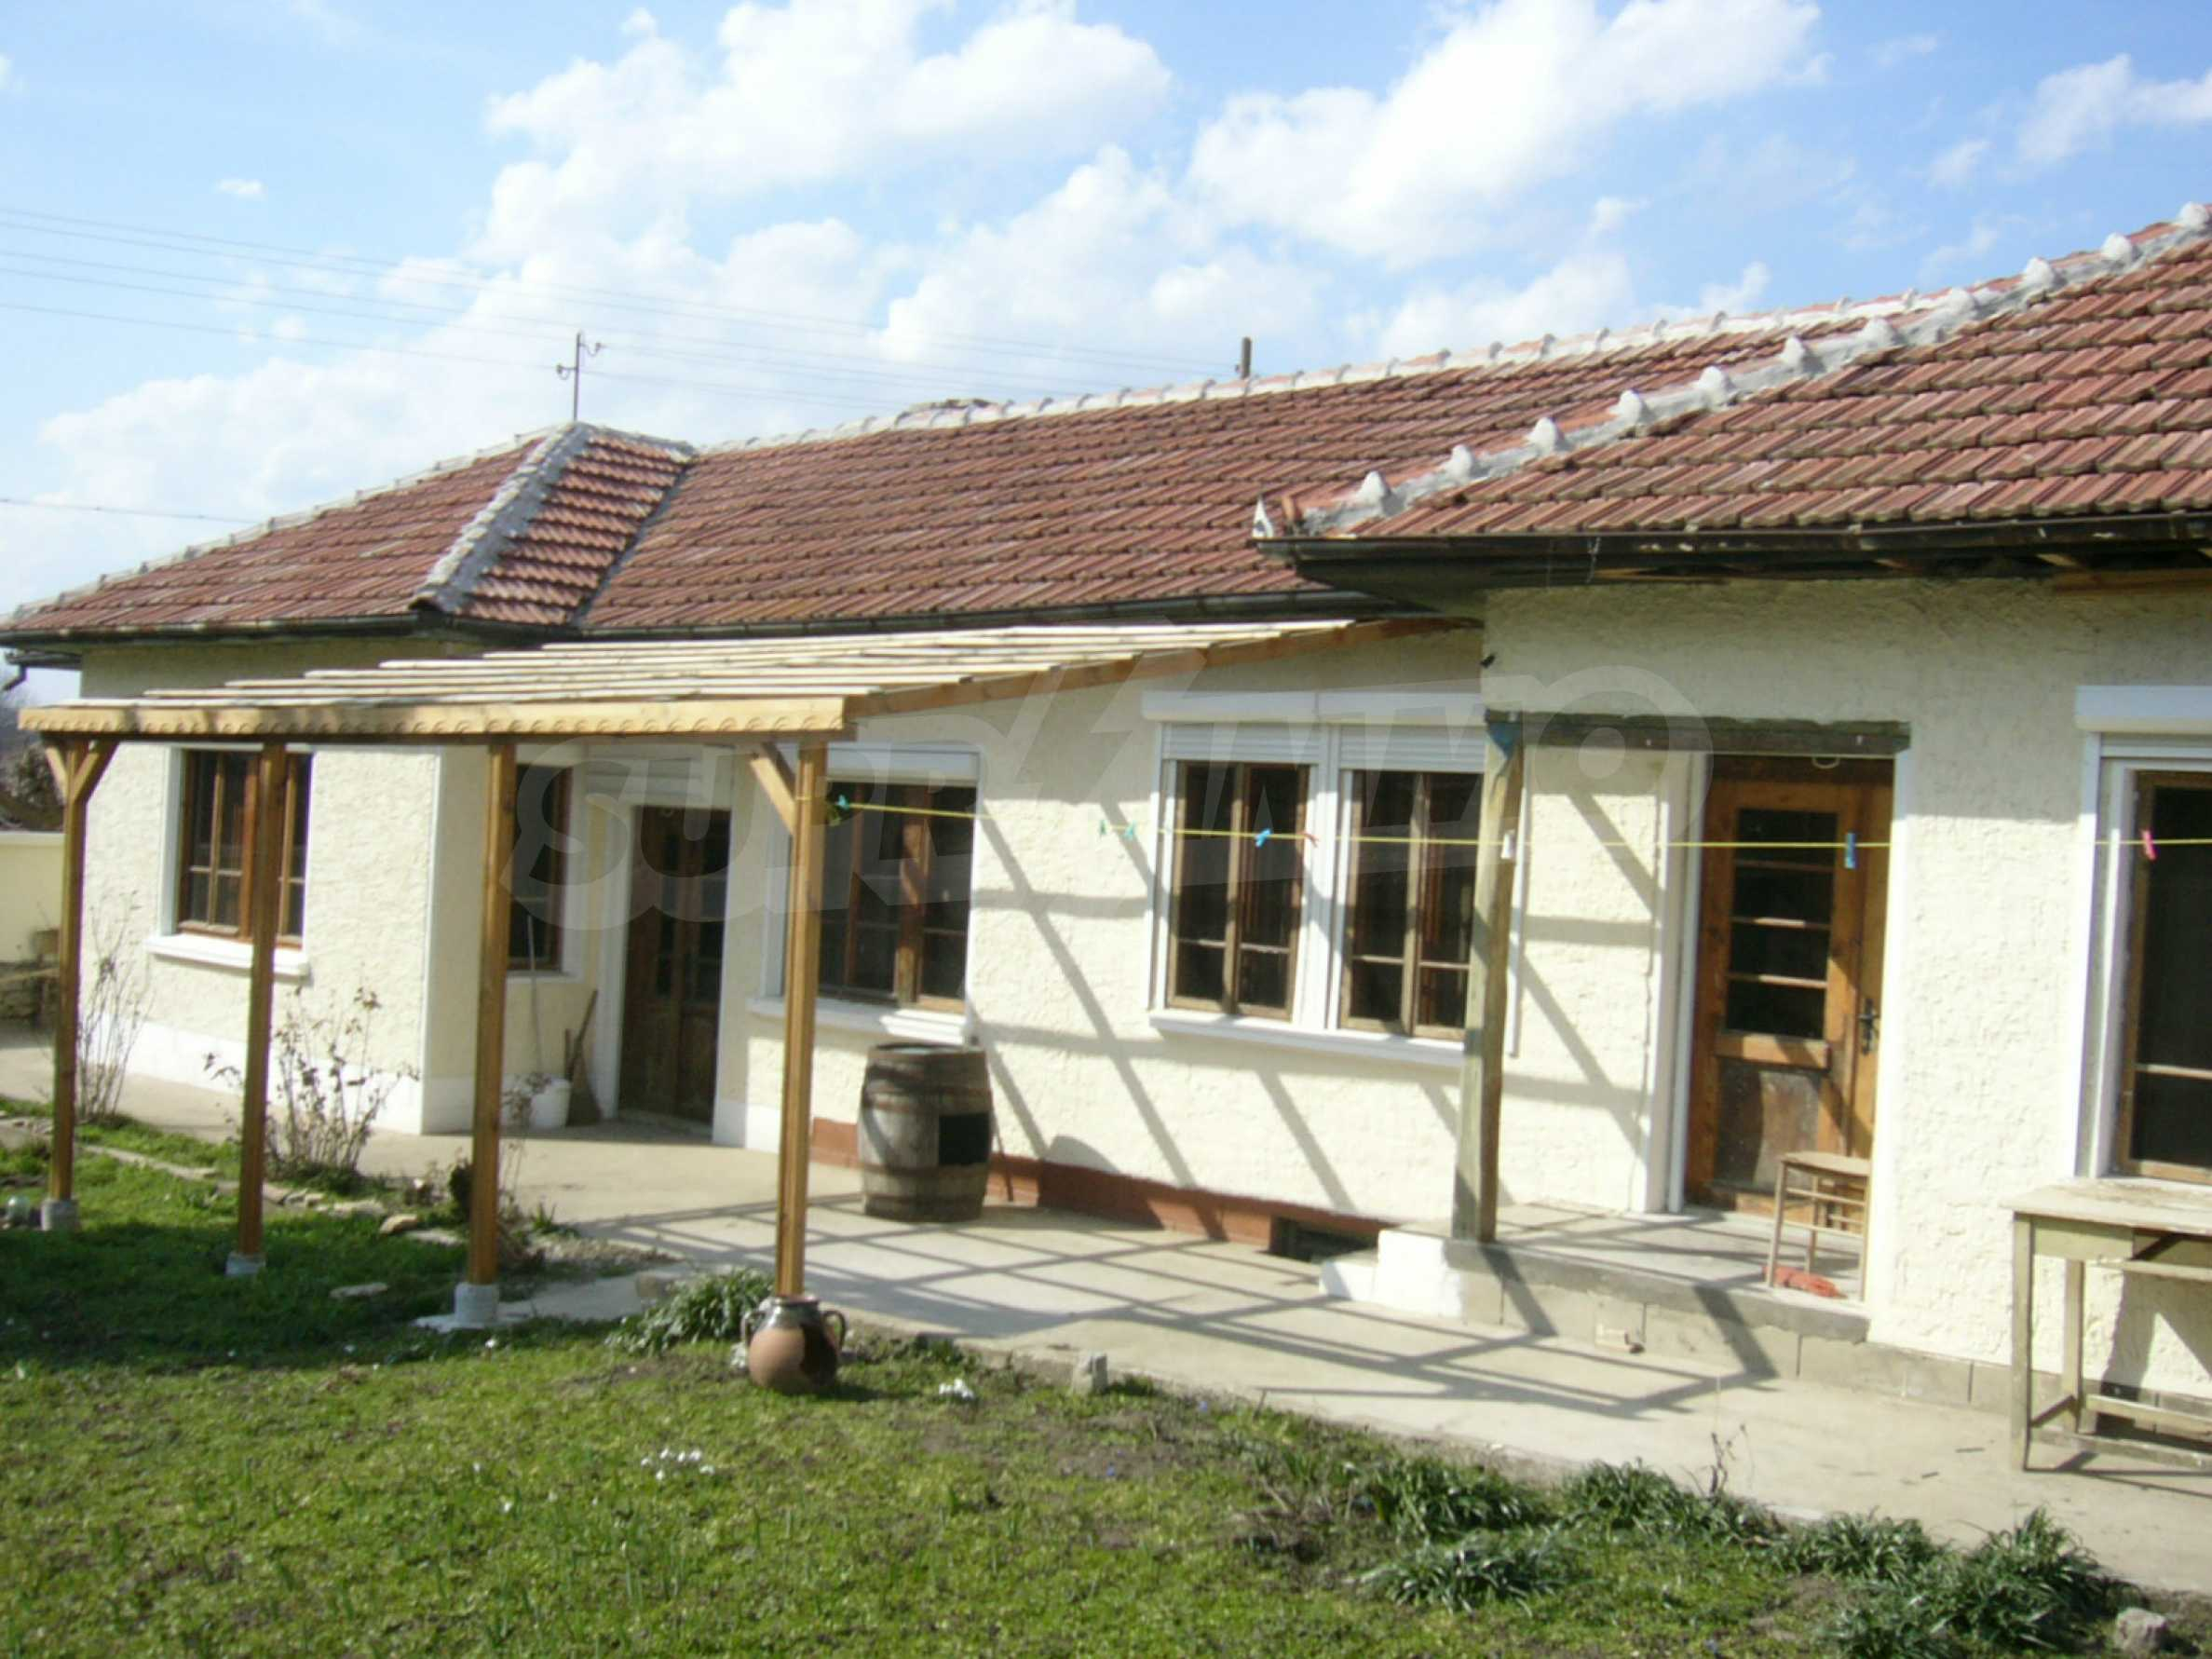 Едноетажна селска къща върху маза на 20 км от Велико Търново  31